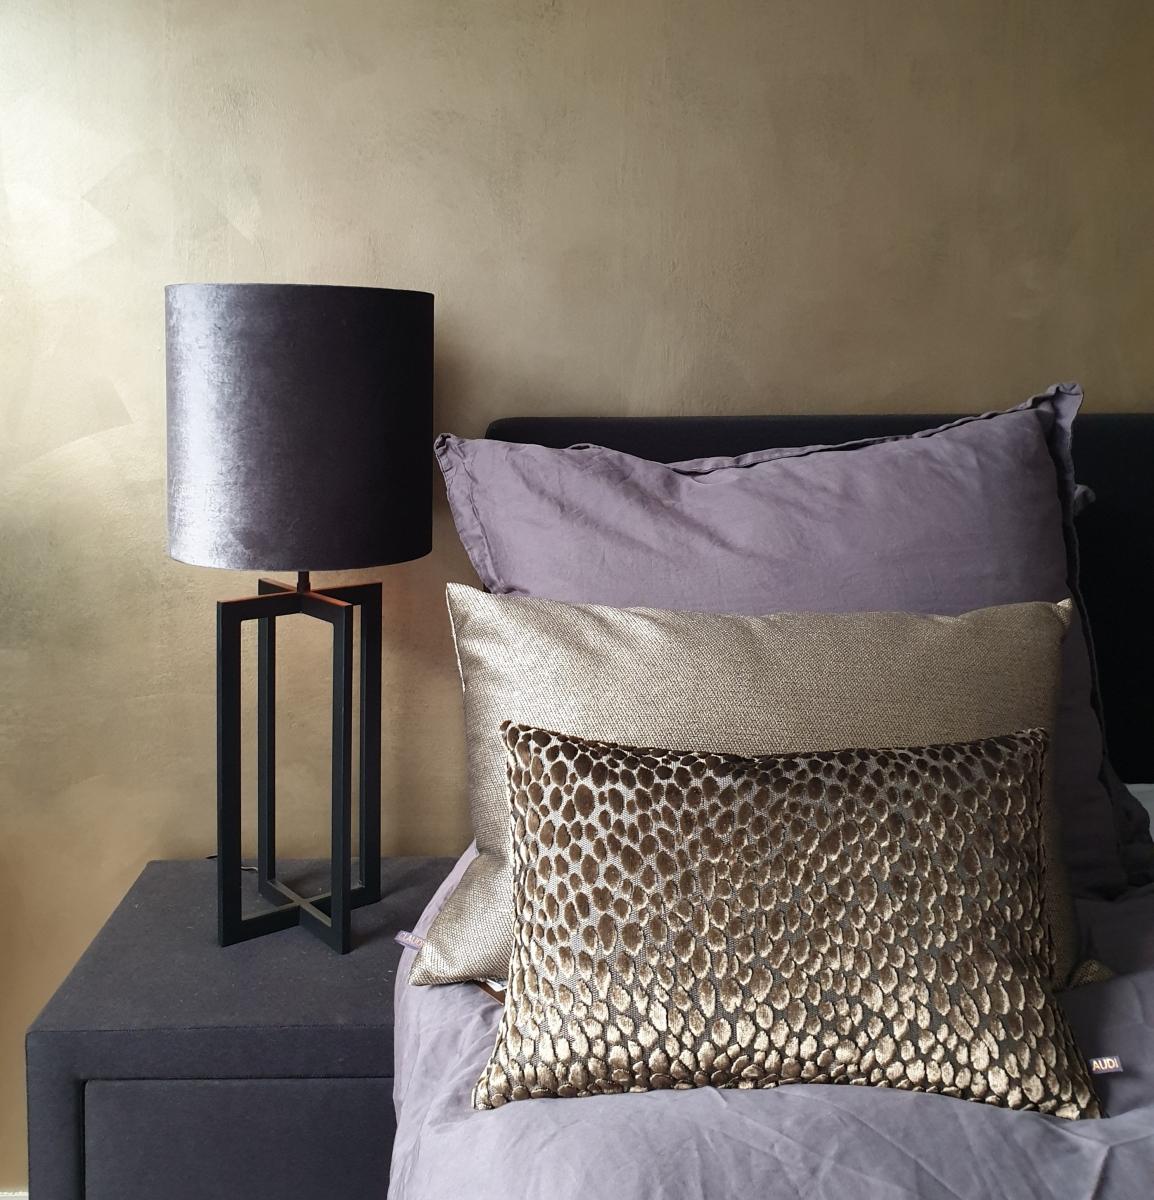 messing gouden wand achter het bed in de slaapkamer